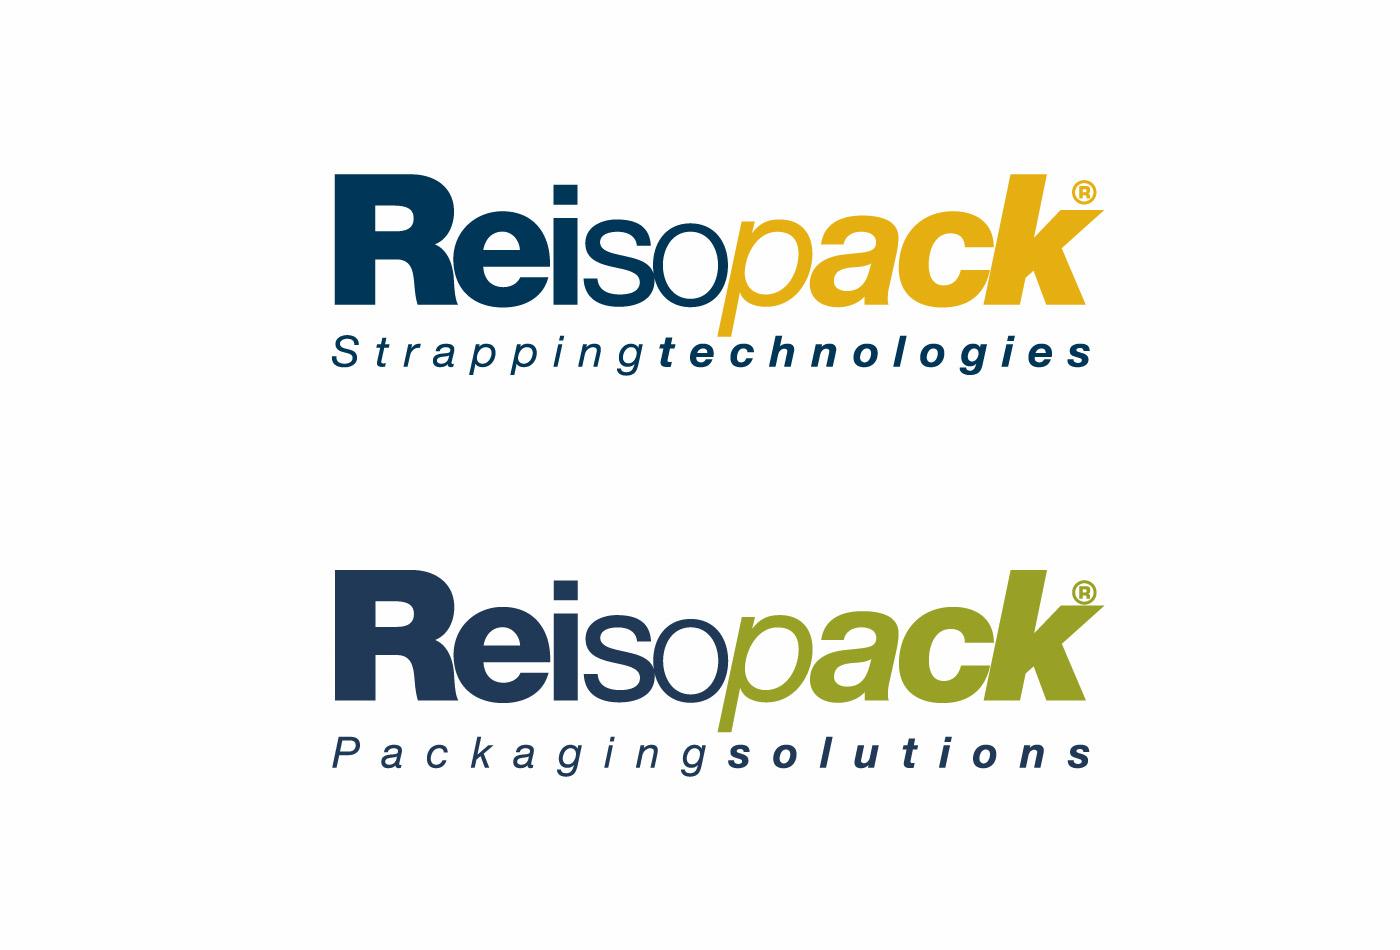 reisopack-creartiva-branding-barcelona-disseny